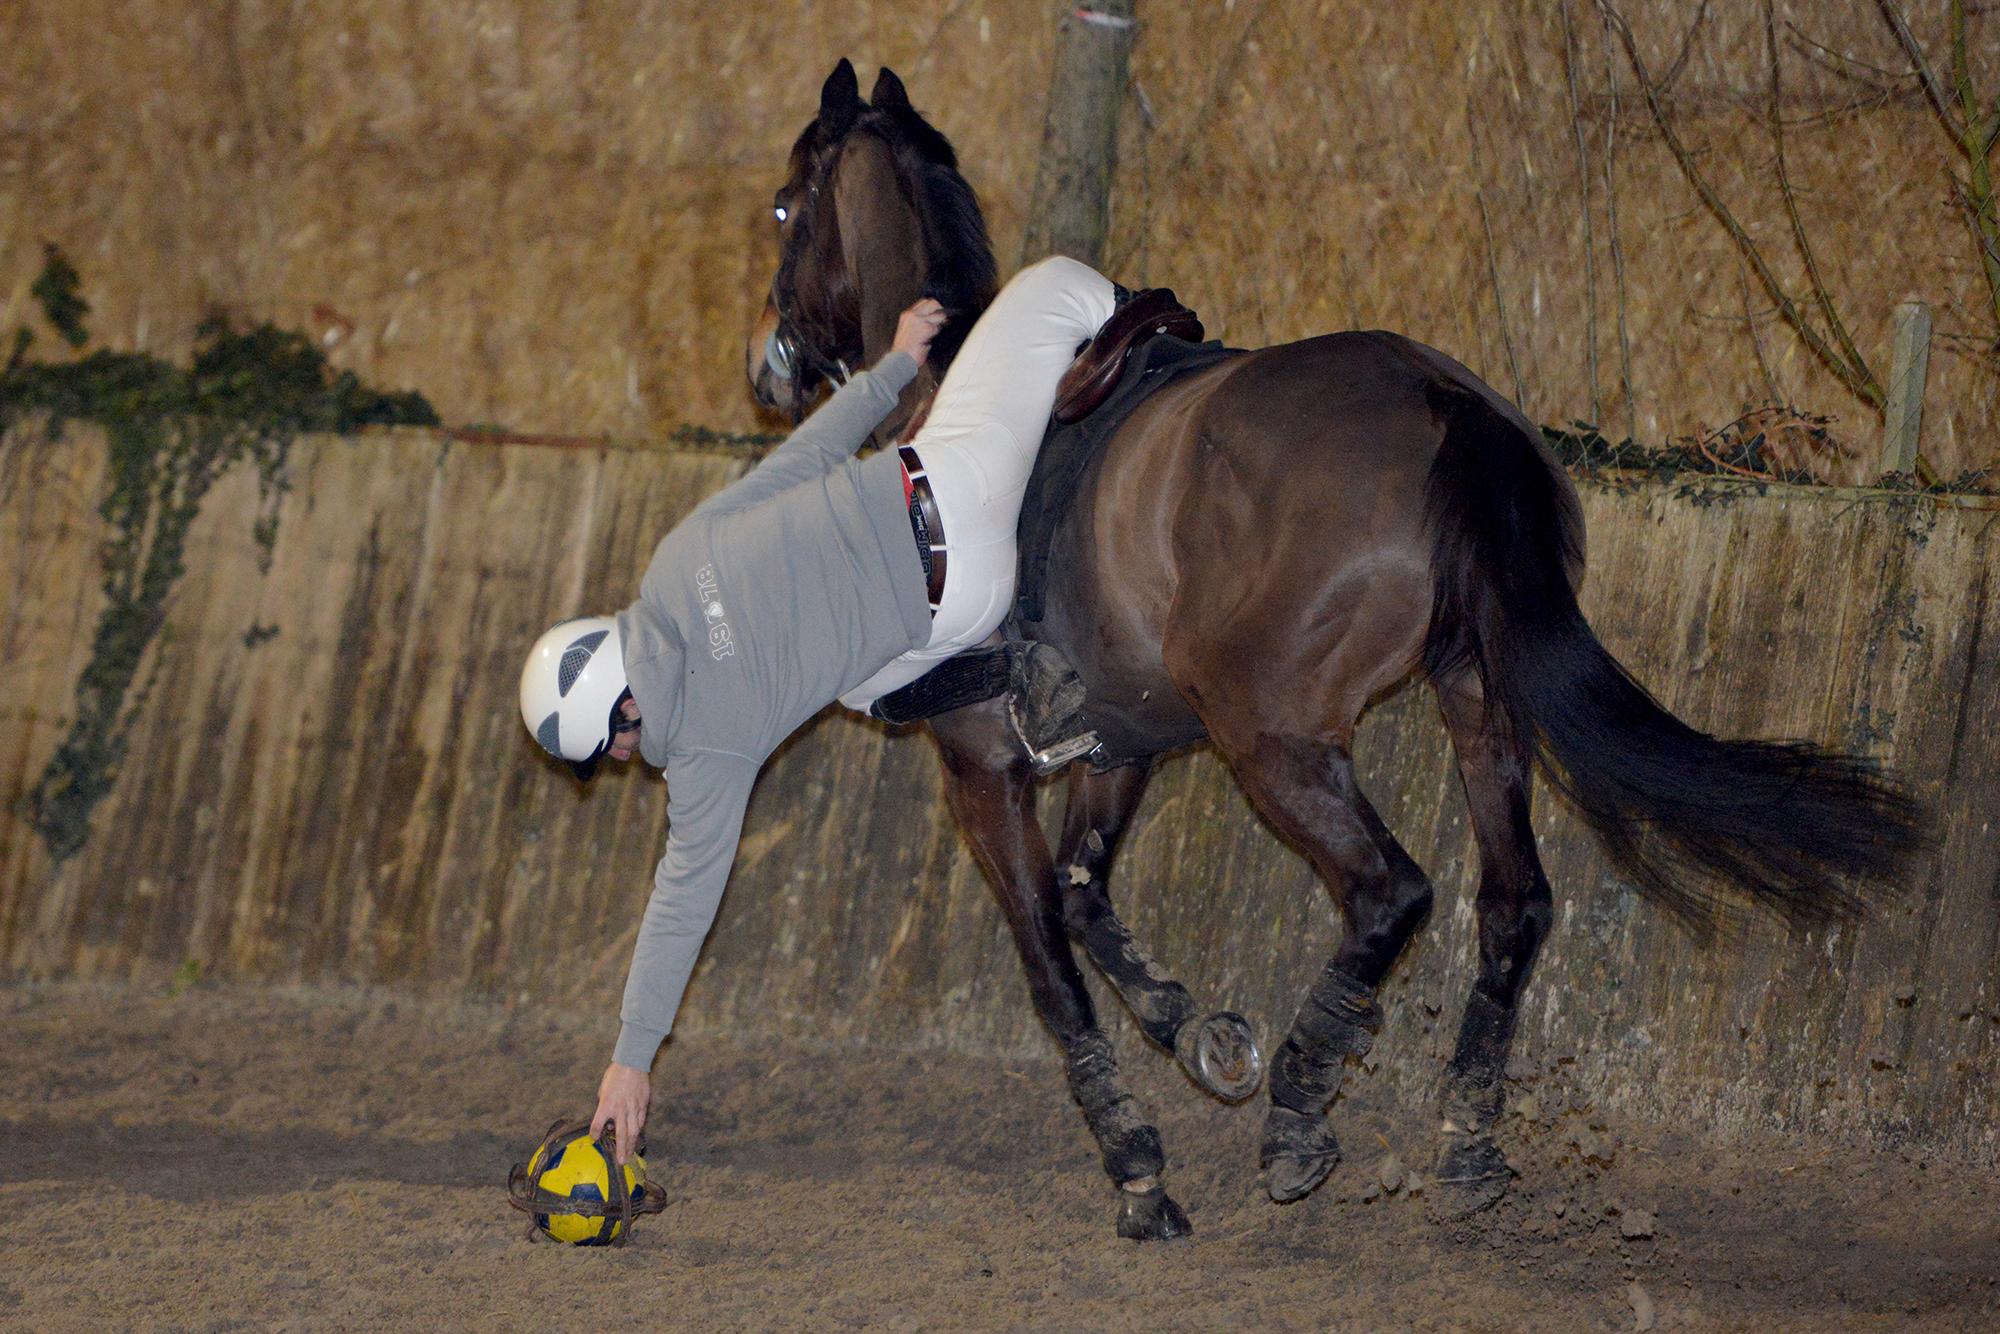 Au horse-ball, les cavaliers se penchent de manière acrobatique pour ramasser le ballon. (©Ville de Saint-Nazaire - Christian Robert)